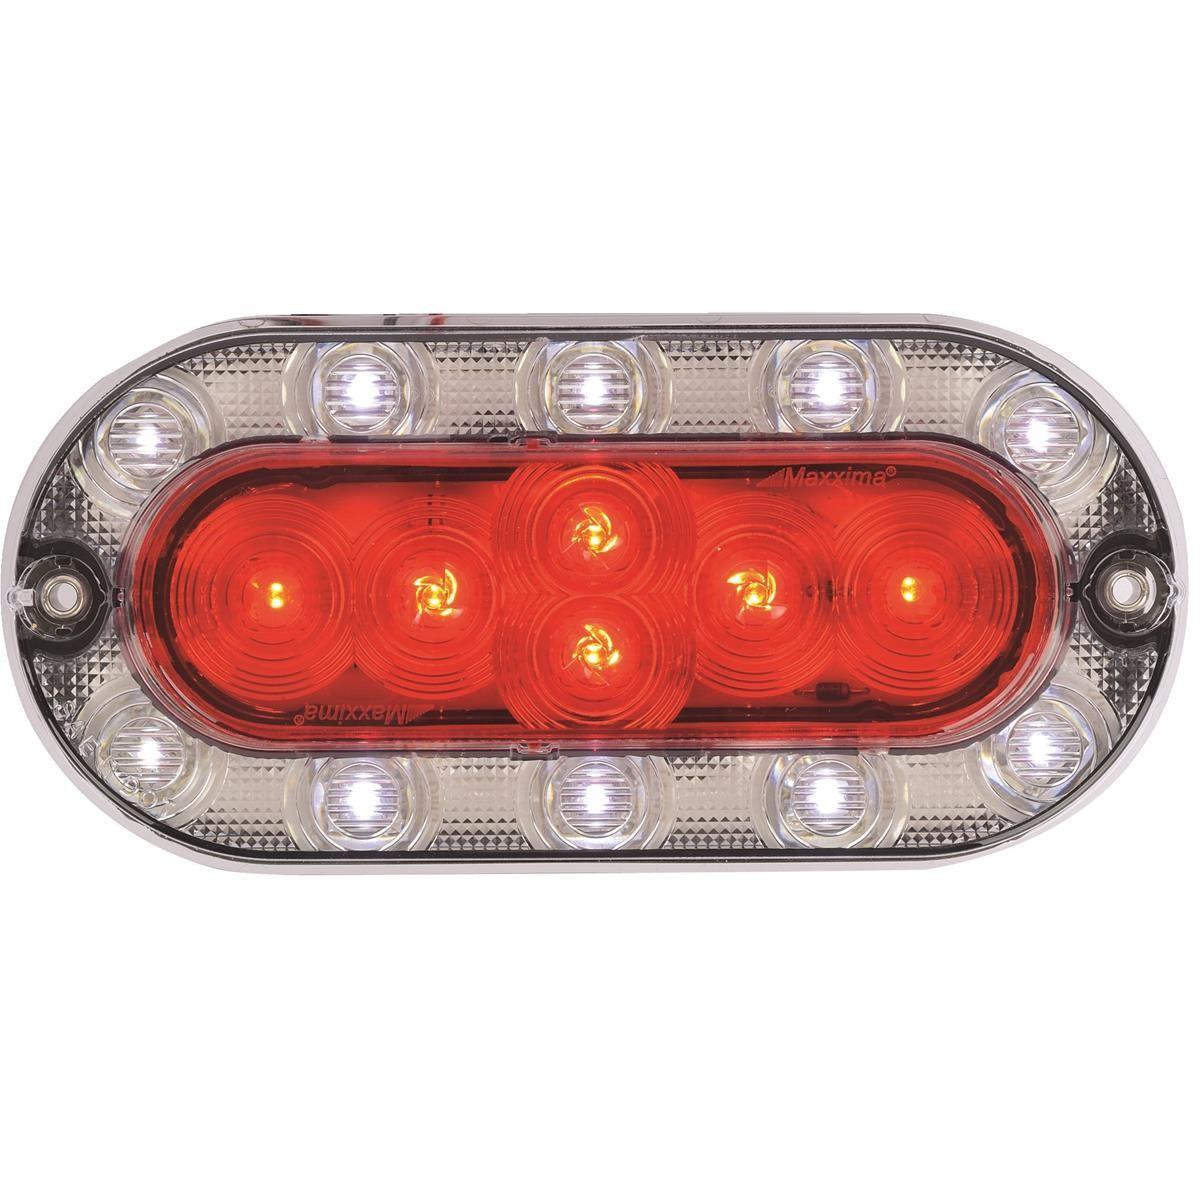 MAXXIMA Hybrid Lightning LED Stop Tail Turn Back Up Light Oval